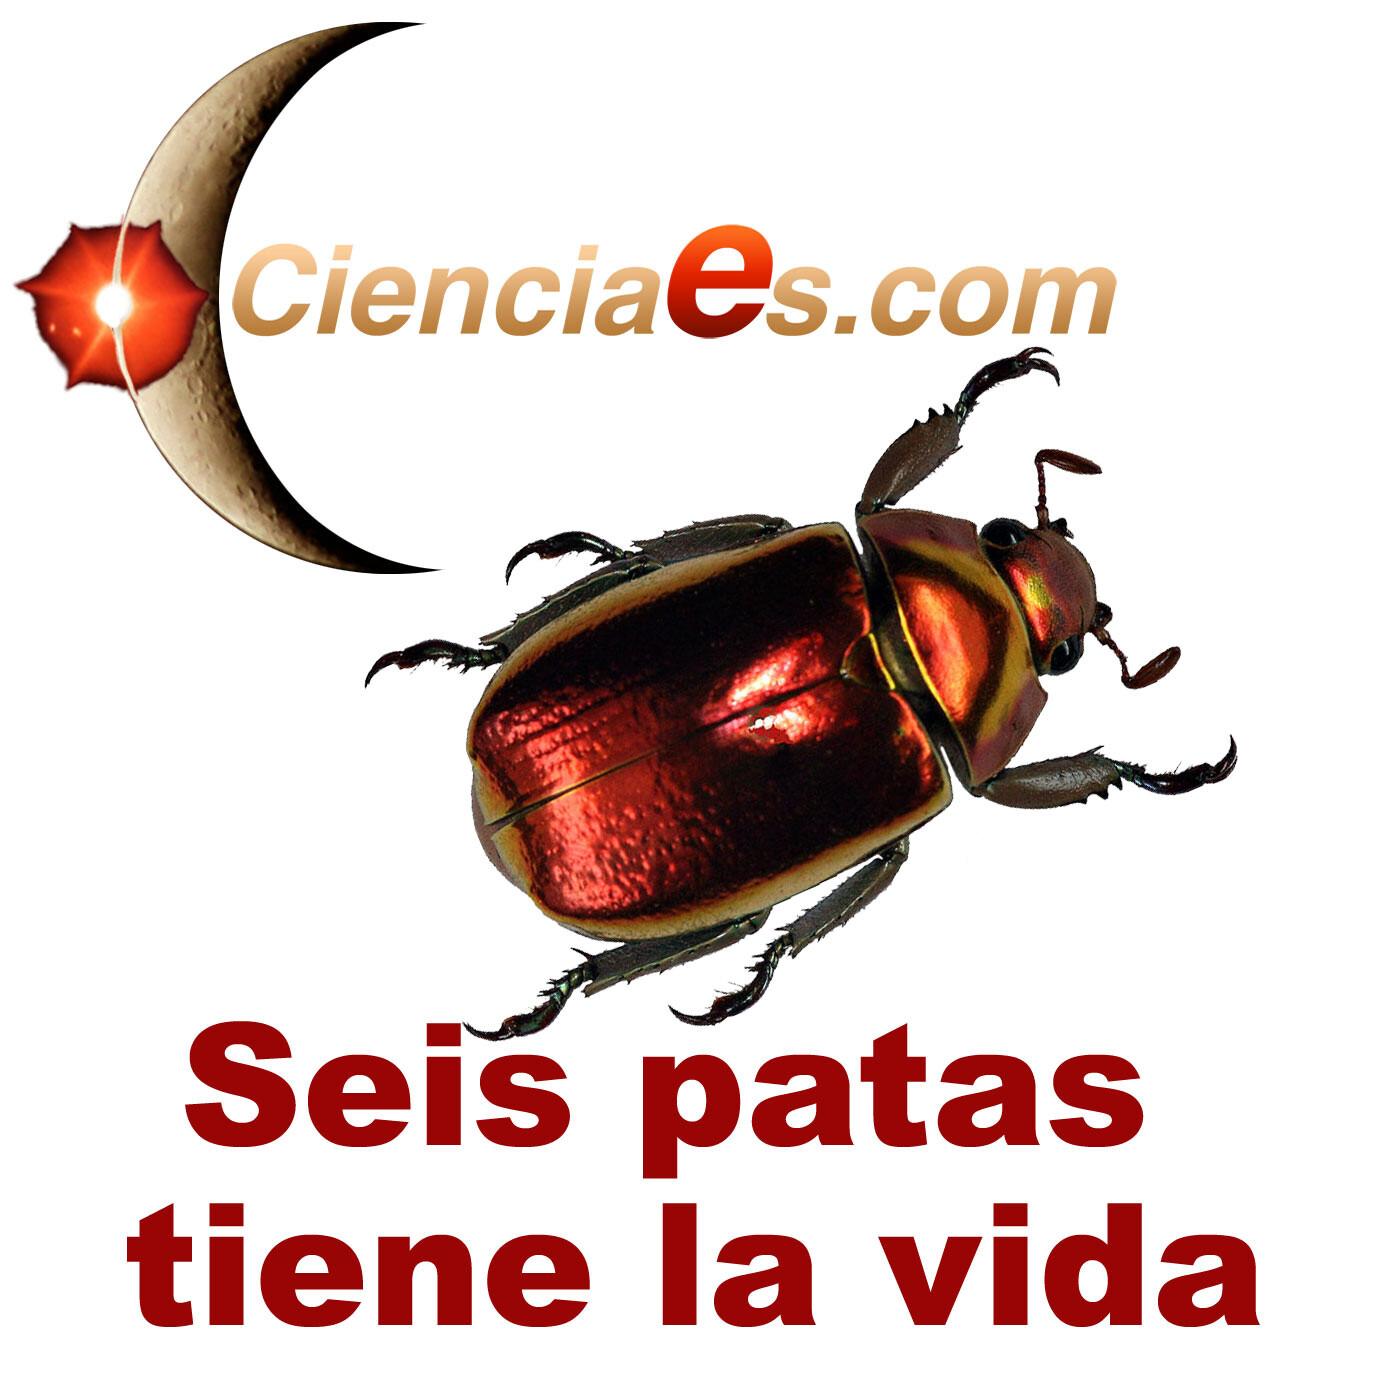 Huelga de hormigas, insectos carnívoros y adornos de cera.